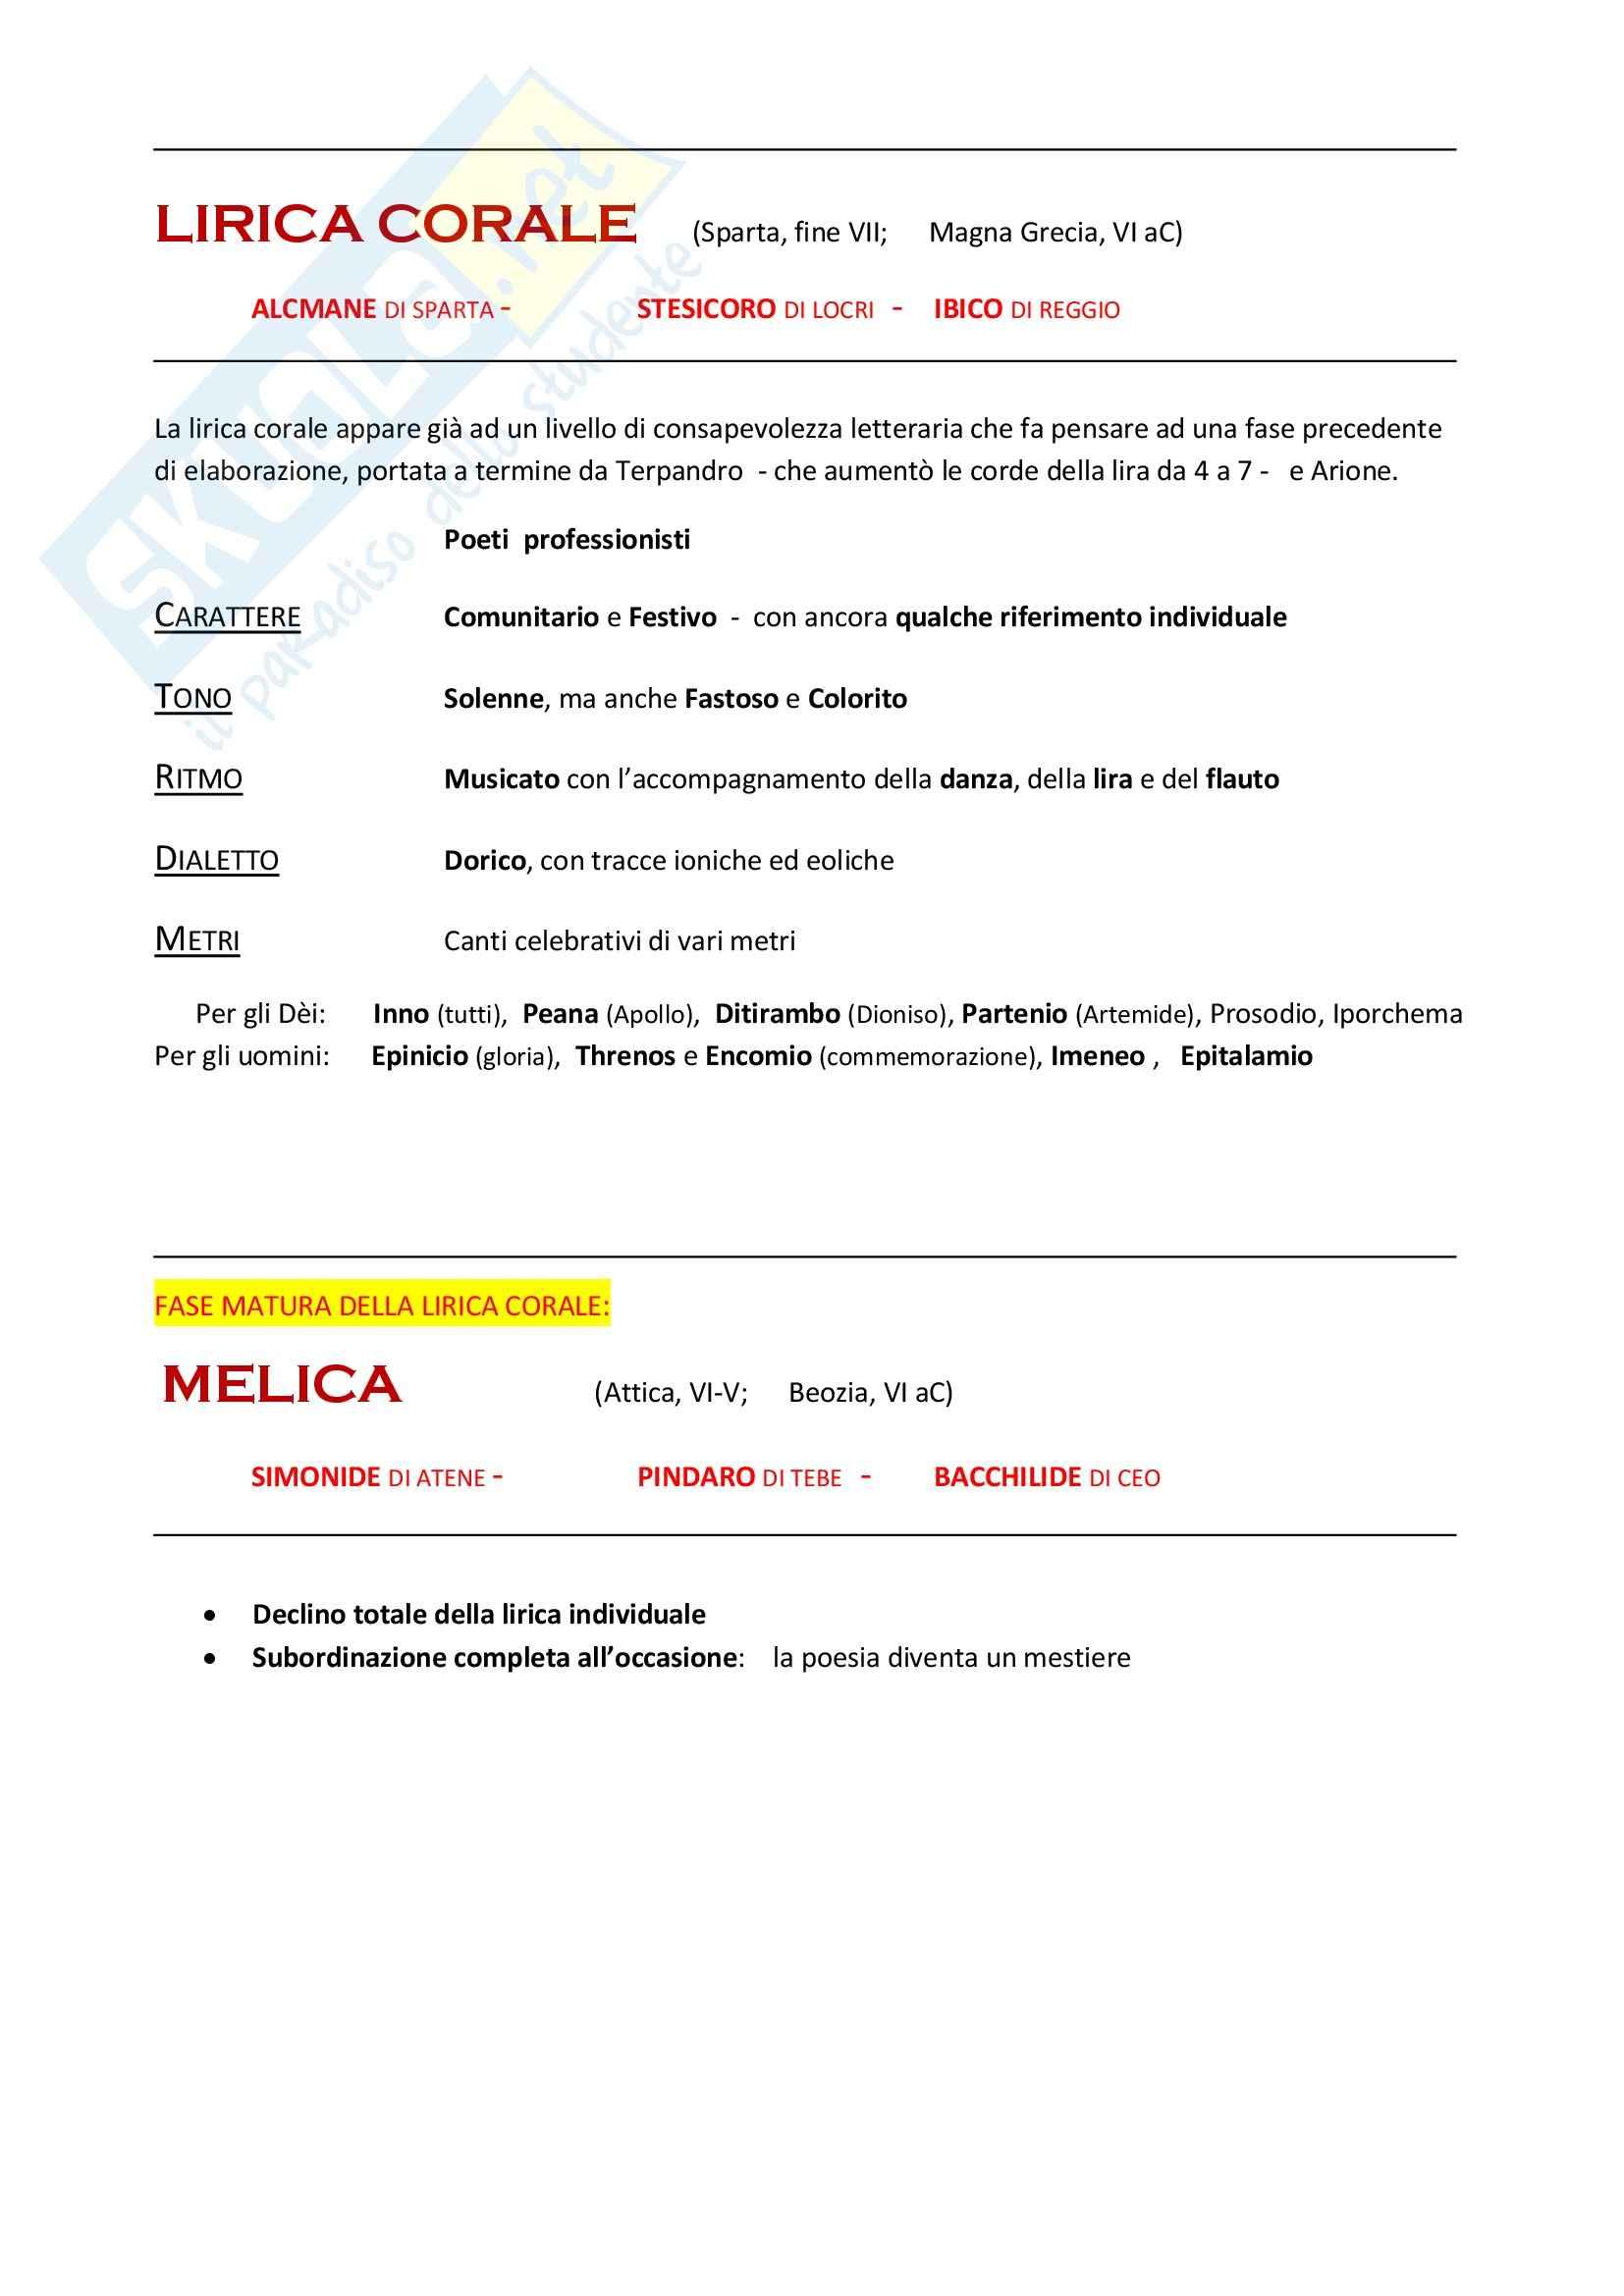 Letteratura Greca - Lirica Corale e Melica